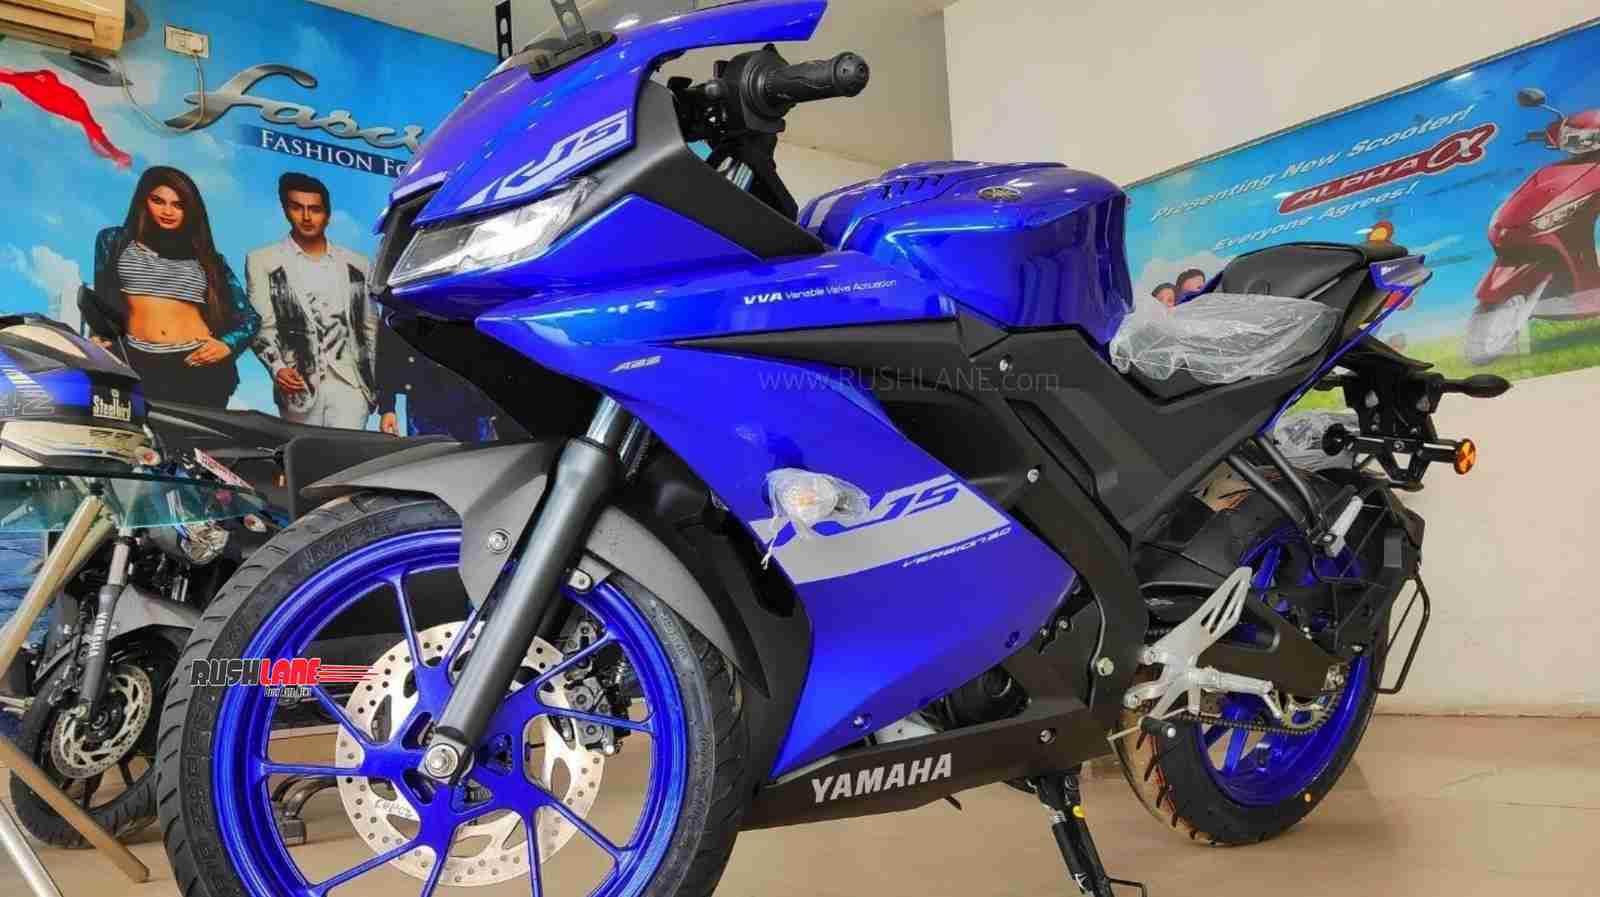 2020 Yamaha R15 V3 BS6